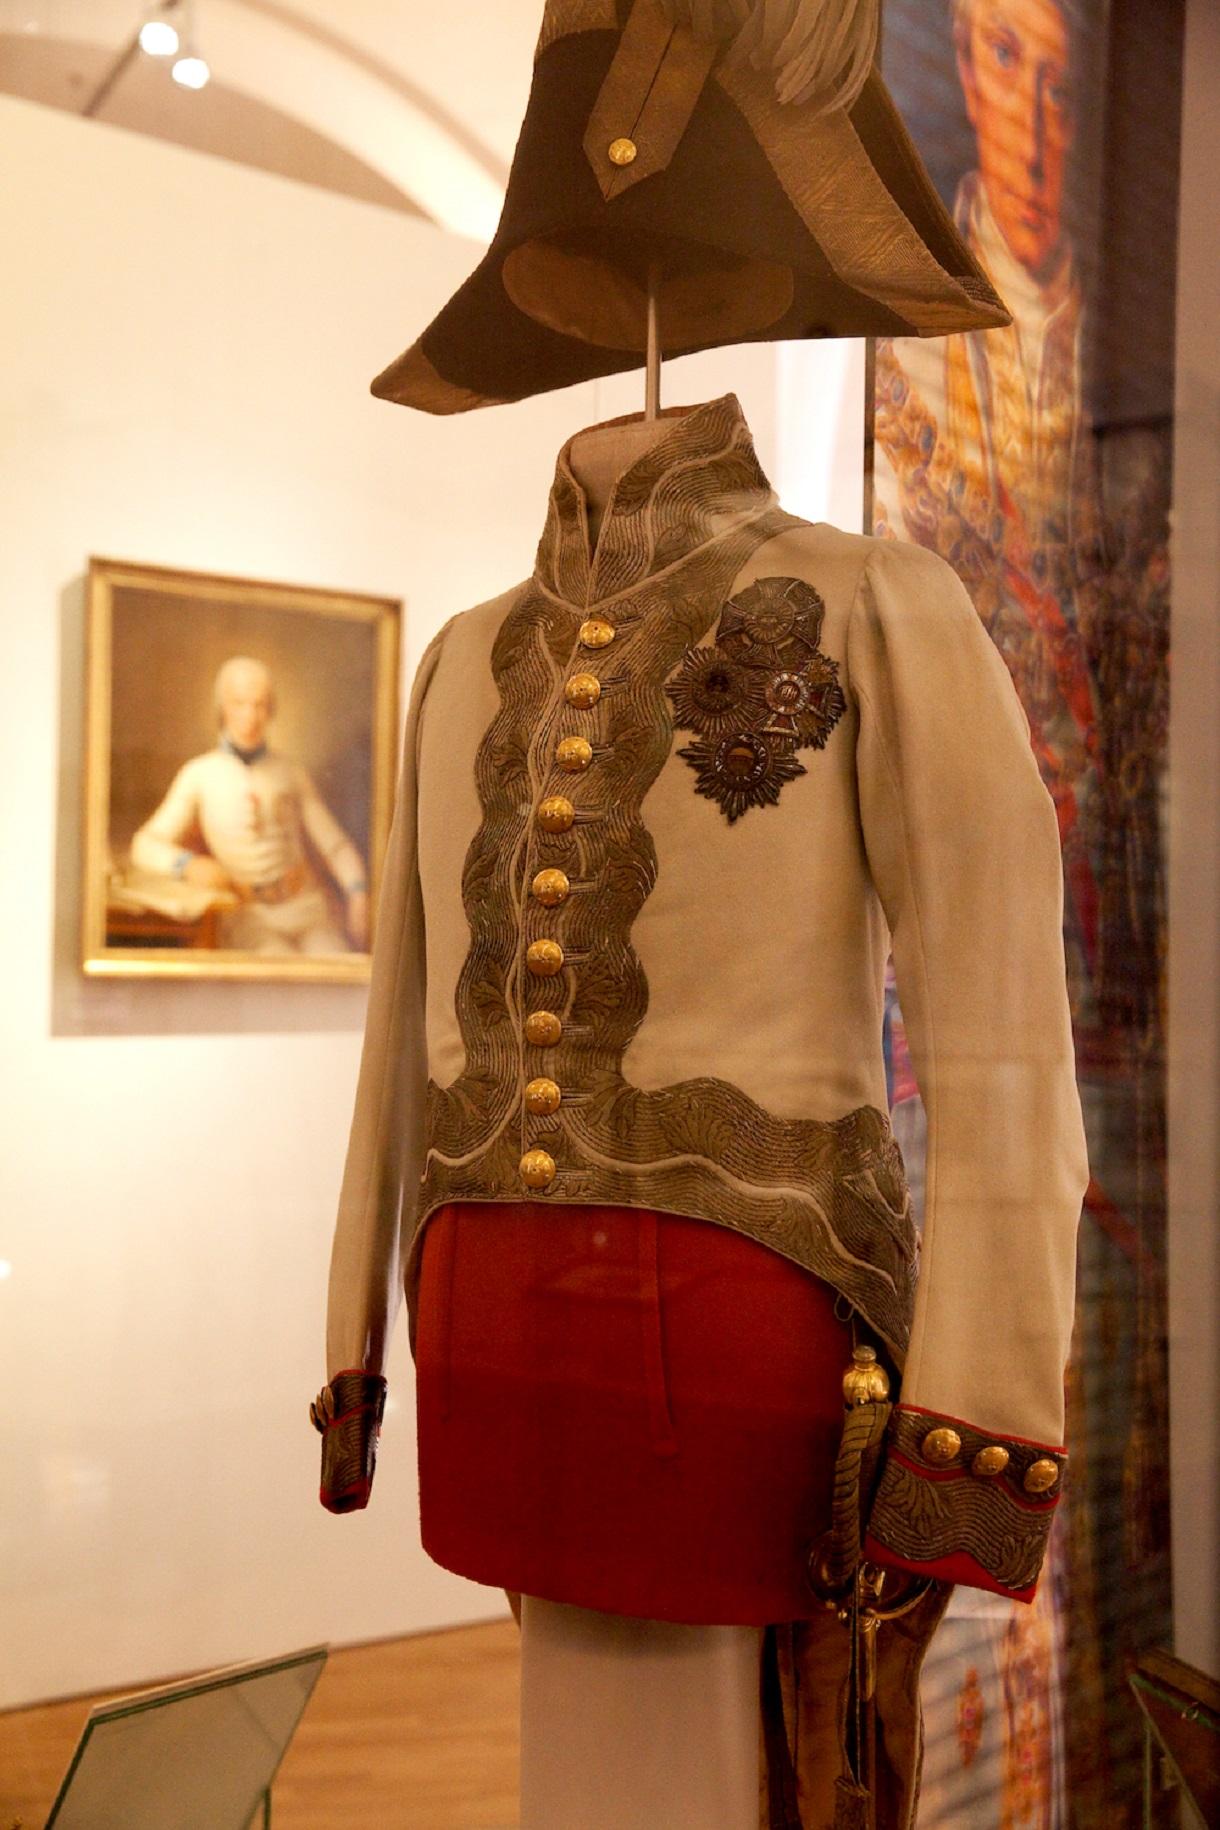 Gala-Uniform von Kaiser Franz I. in einer Vitrine.